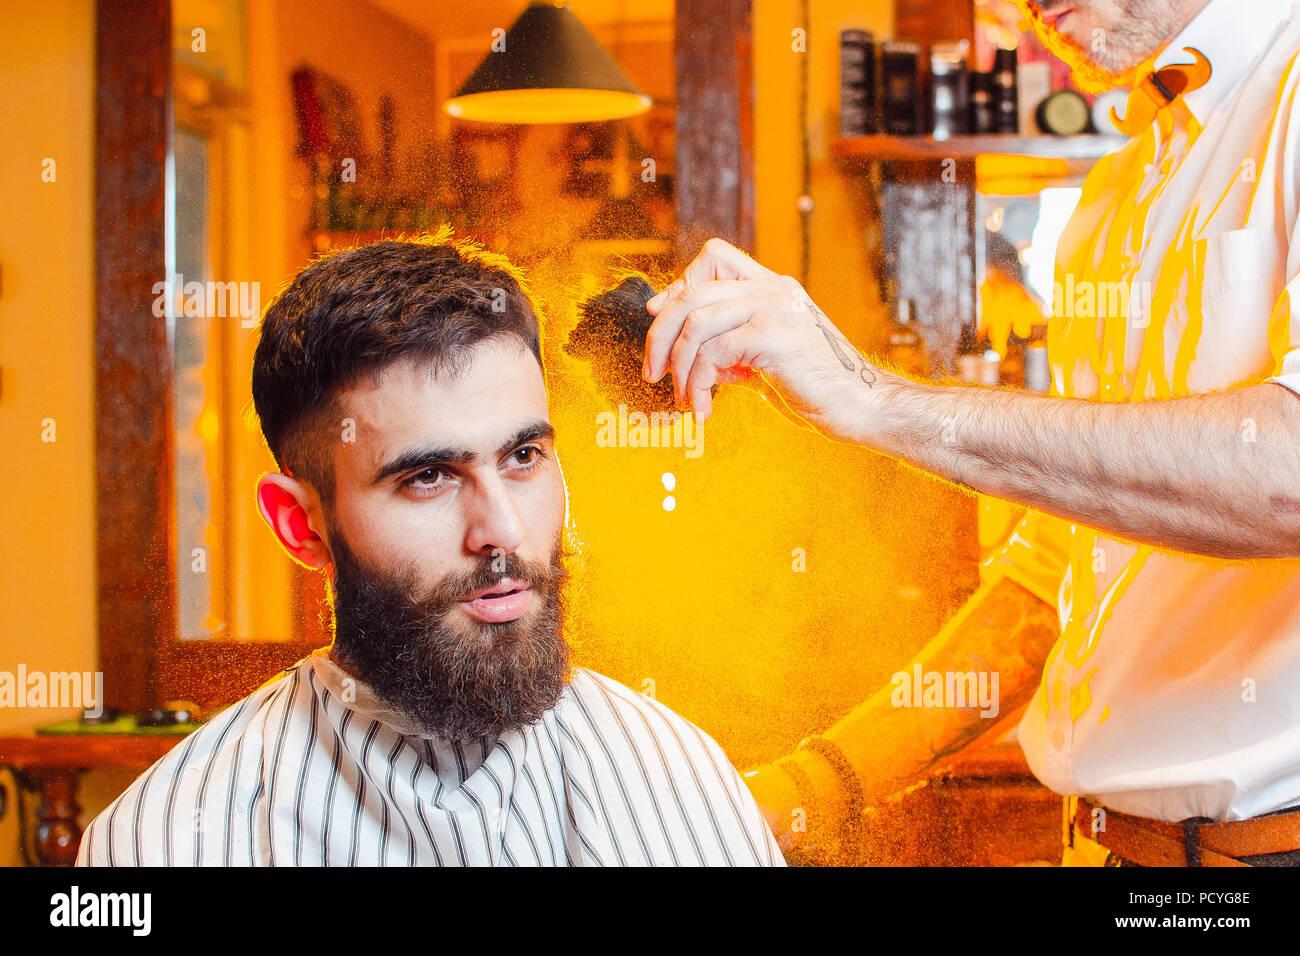 Friseur setzt eine Powder Brush auf der Kopfhaut ein junger hübscher Kerl mit einem Schnurrbart und Bart. Herren Friseursalon. Stockbild